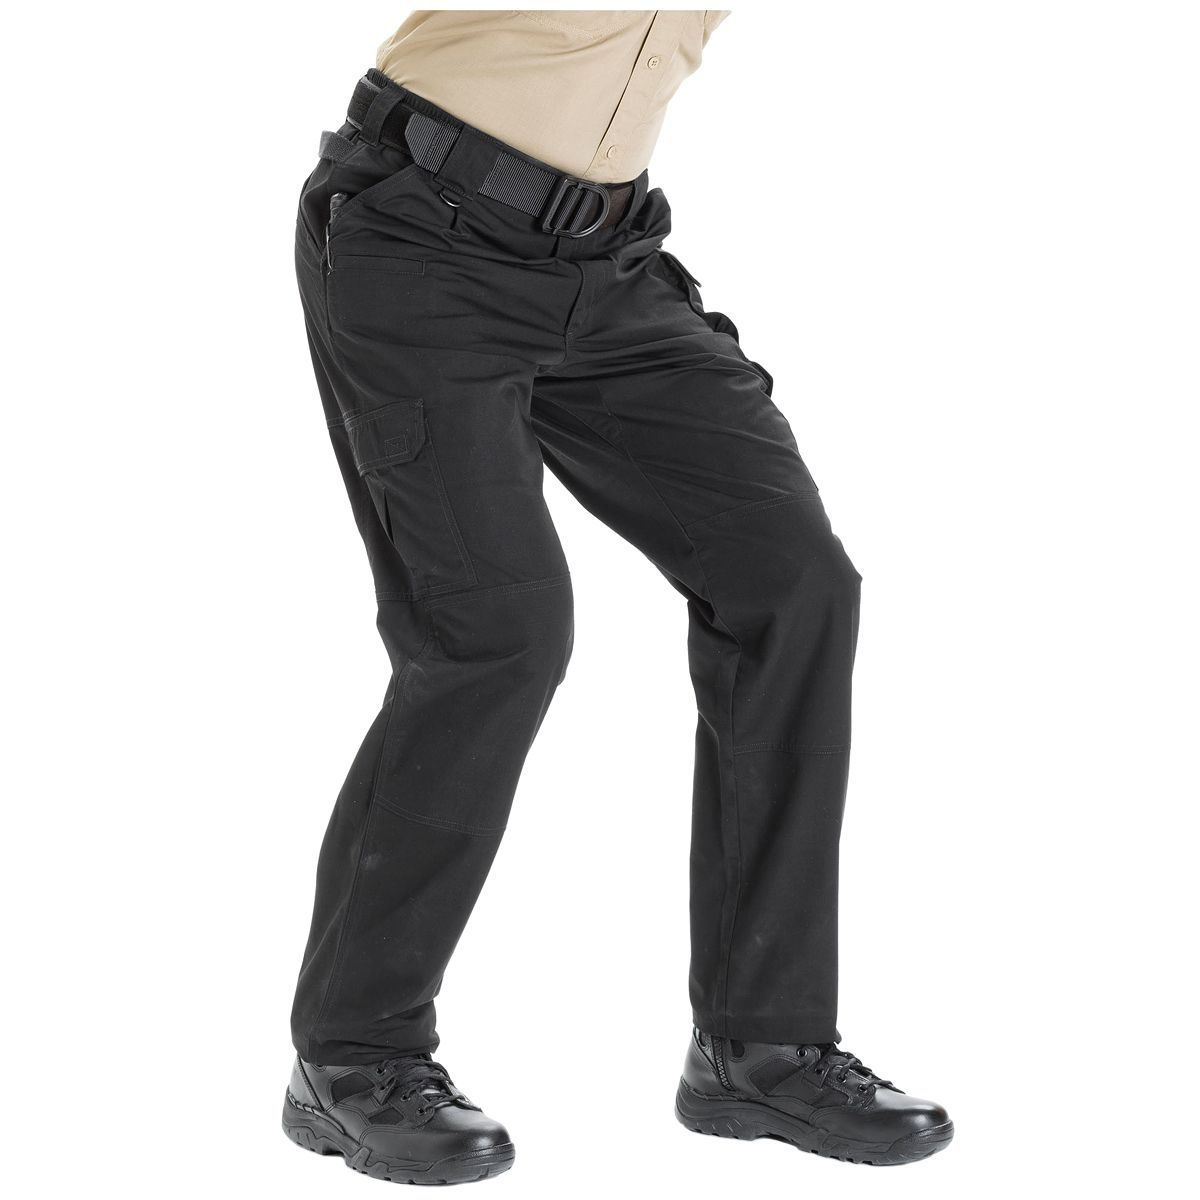 5.11 Tactical Taclite Pro Pantolon Siyah